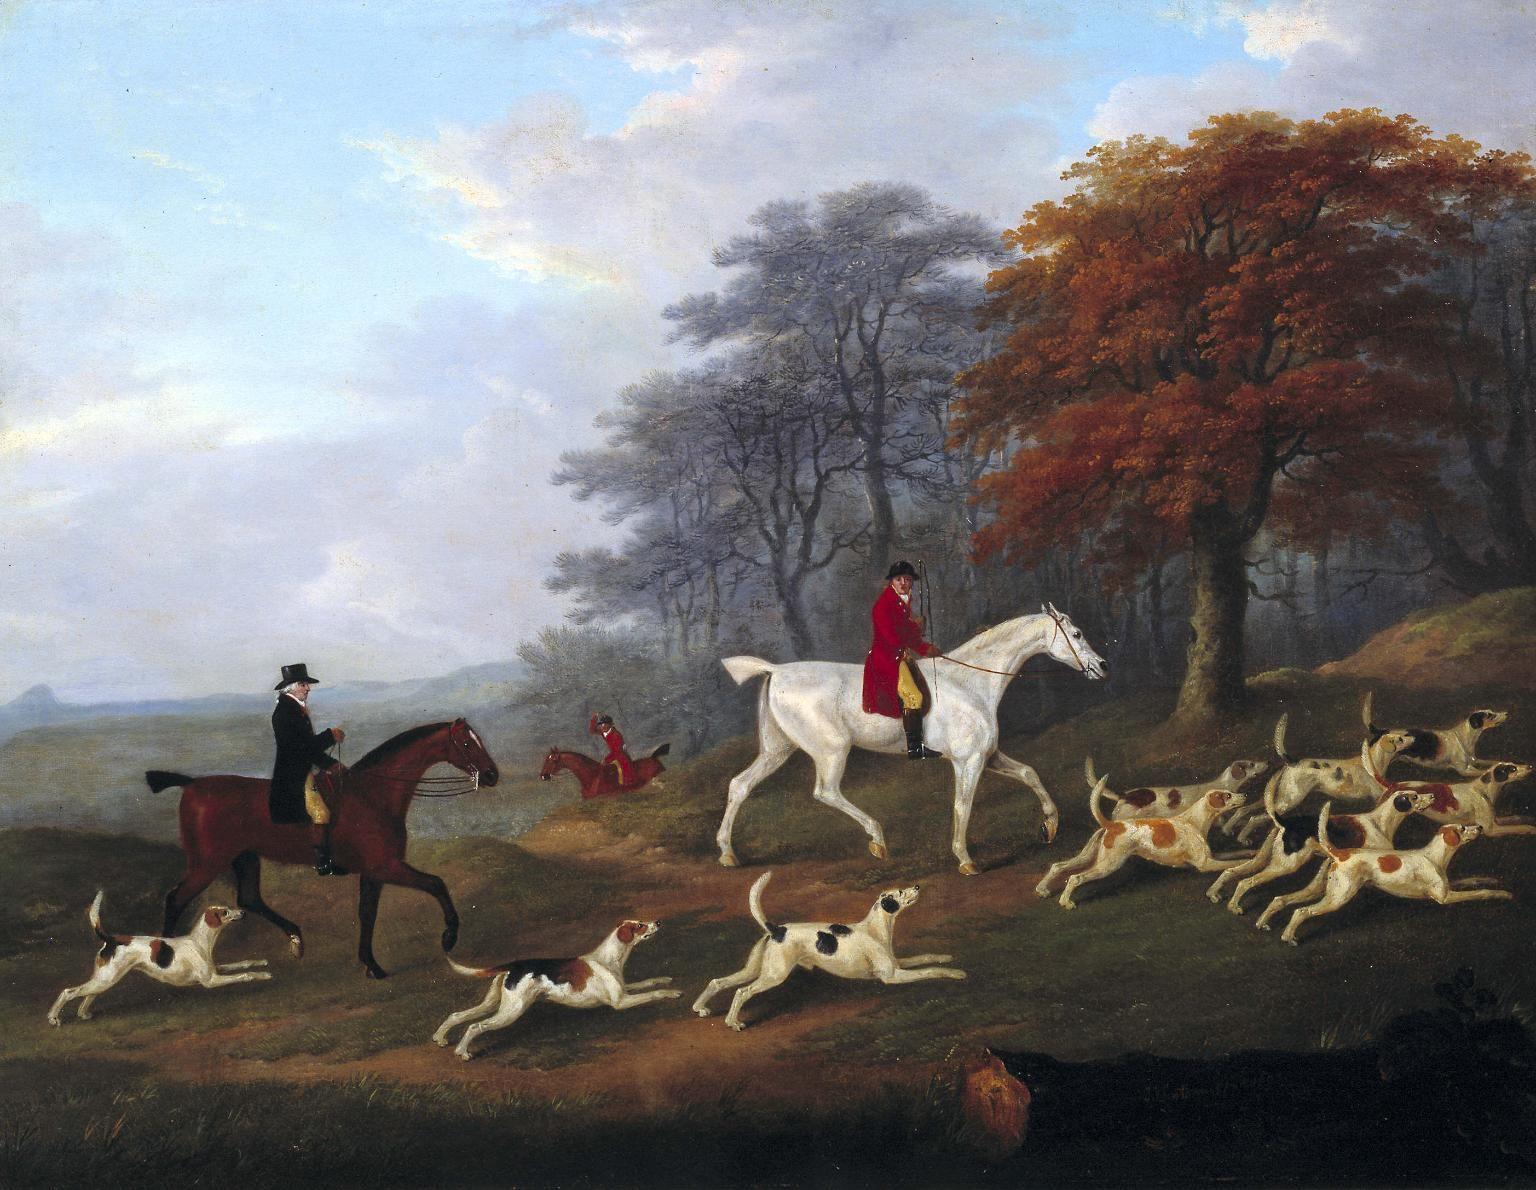 http://www.tate.org.uk/art/artworks/sartorius-the-earl-of-darlington ...